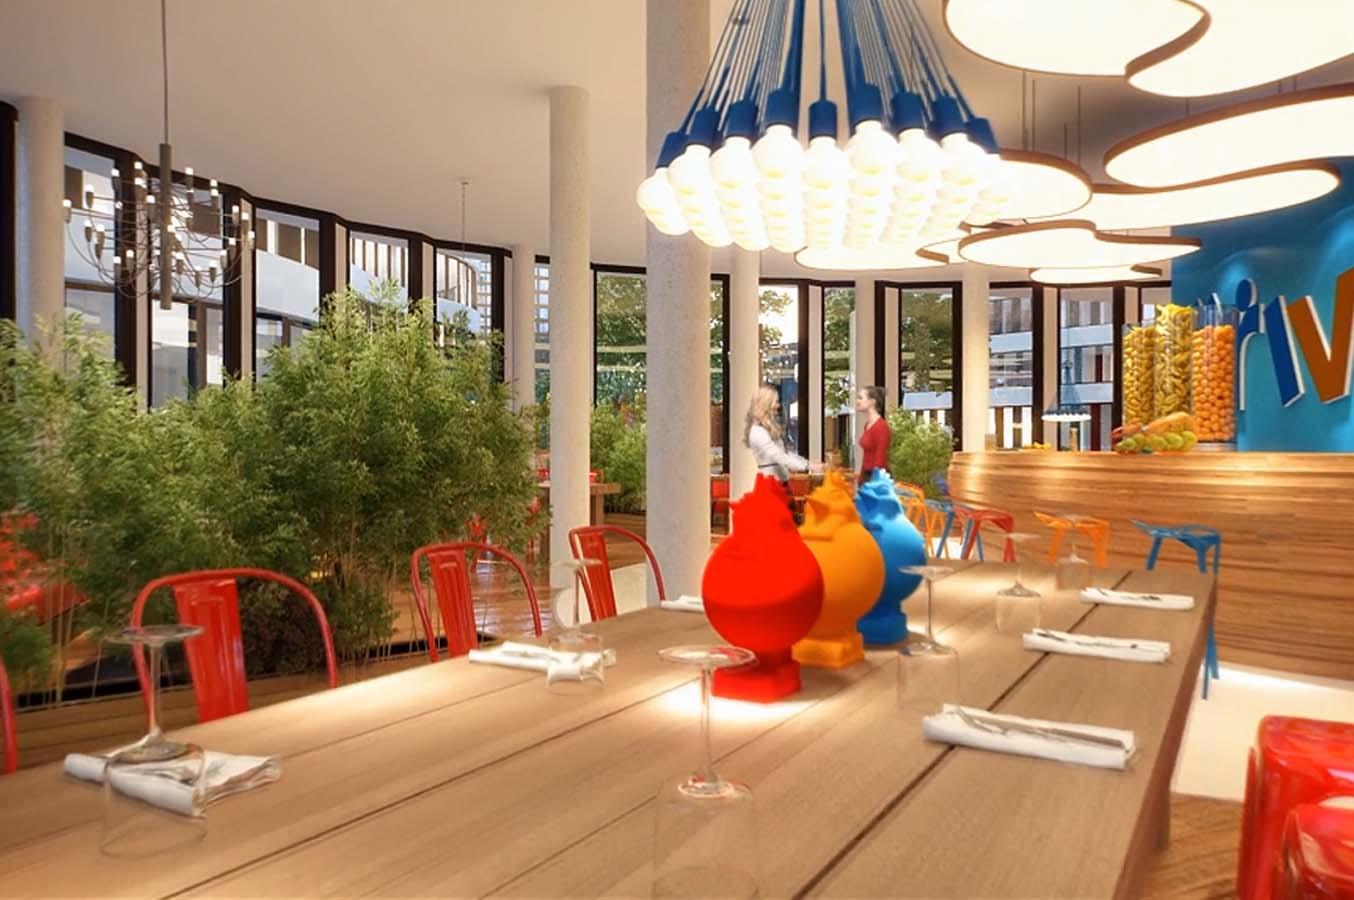 Centr sur le bien tre en images les bureaux de trivago d sseldorf vont vous donner envie - Trivago office dusseldorf ...